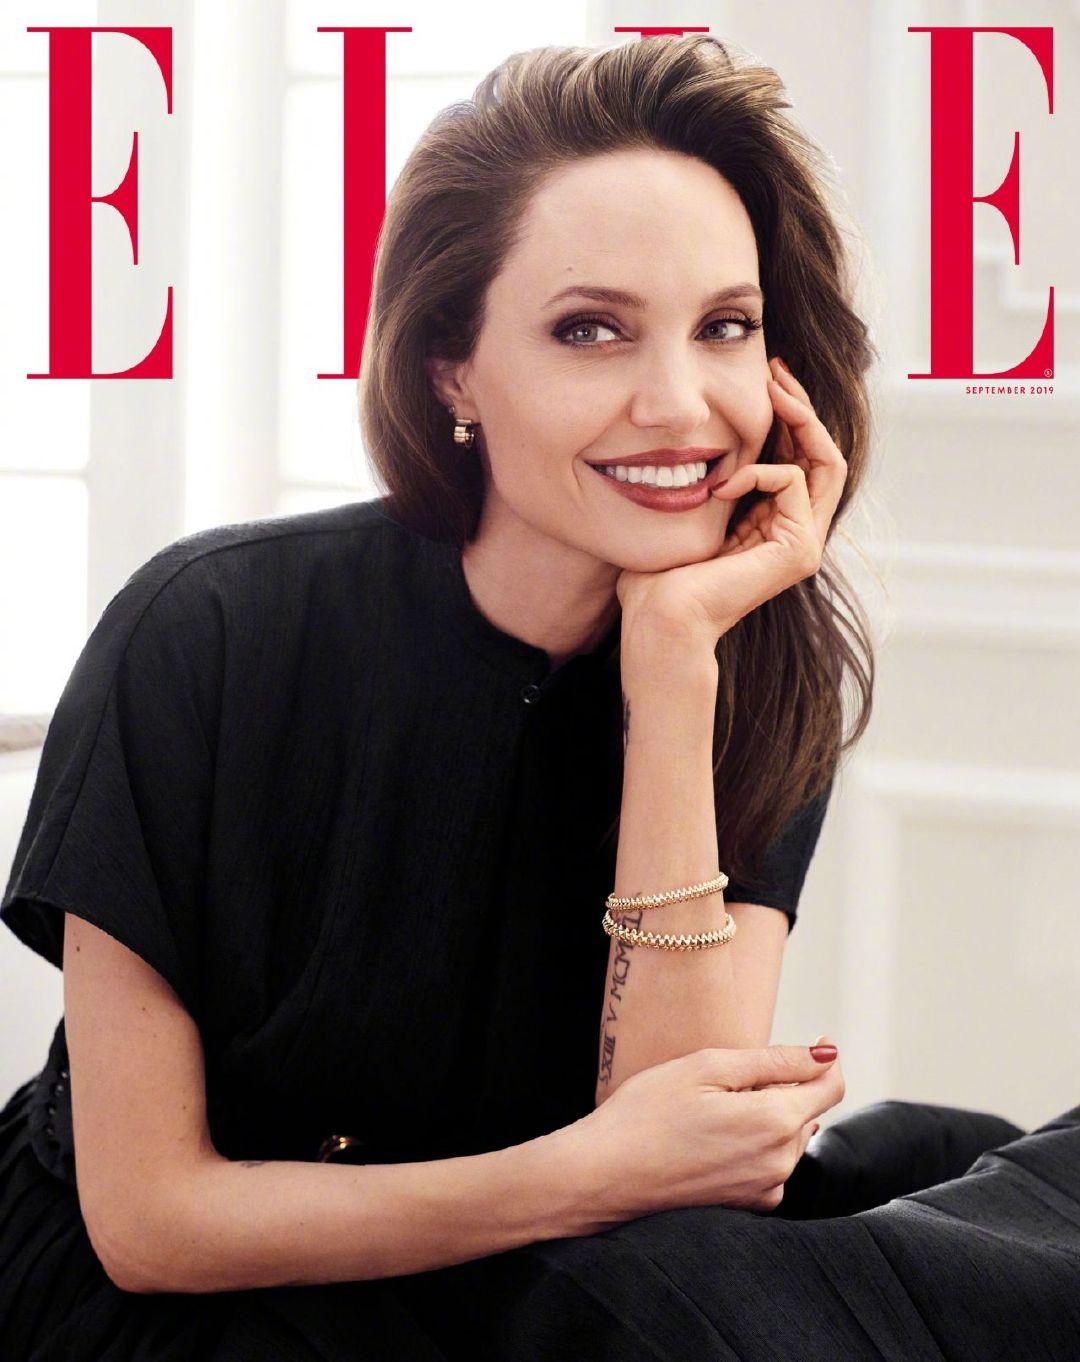 安吉丽娜朱莉Angelina Jolie 身穿Dior  佩戴卡地亚cartier饰品登上《